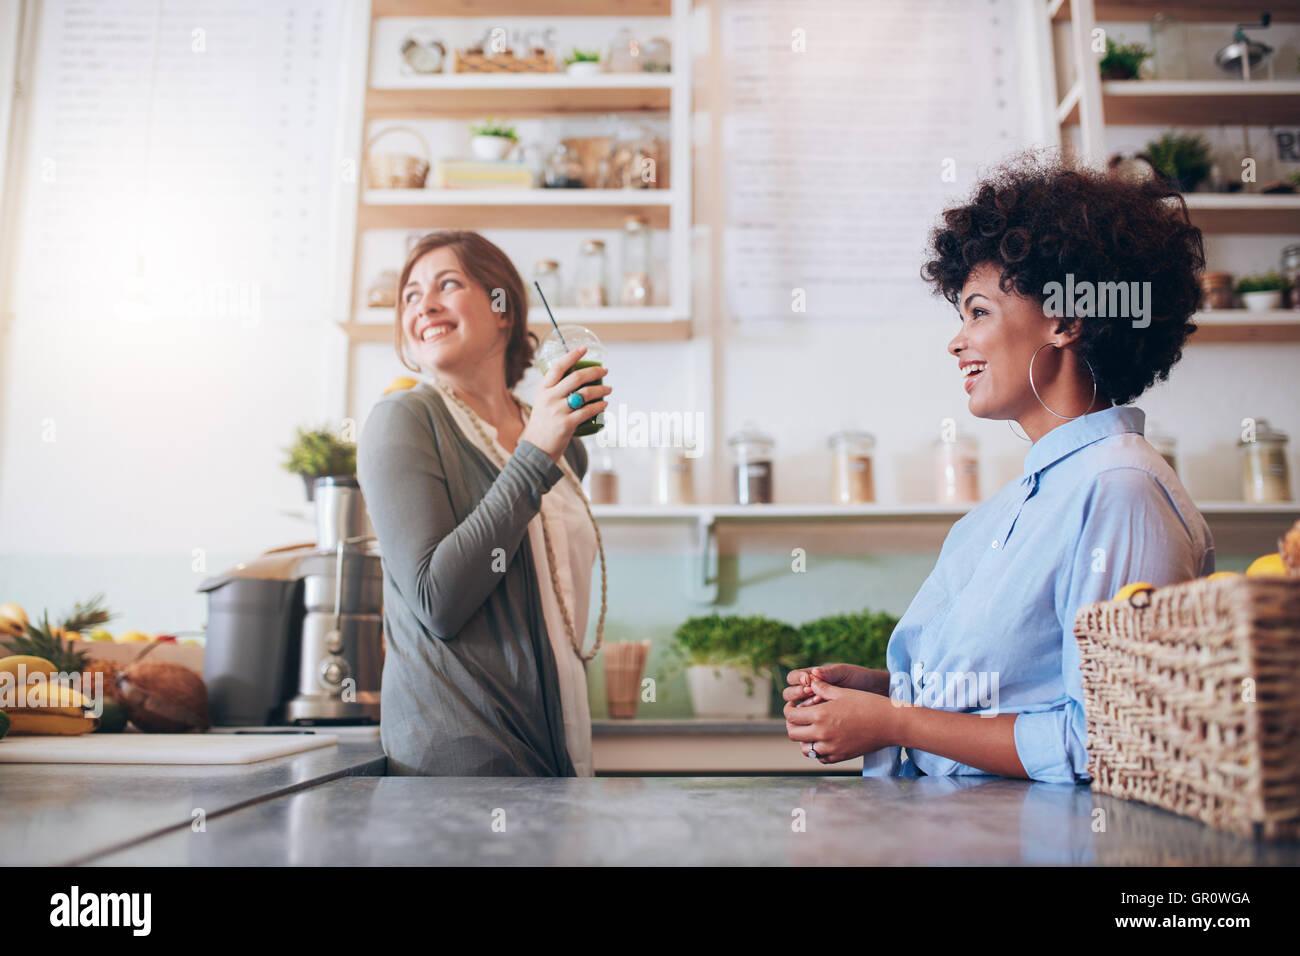 Deux jeunes femmes bar à jus employés debout derrière comptoir. Les jeunes femmes qui travaillent Photo Stock